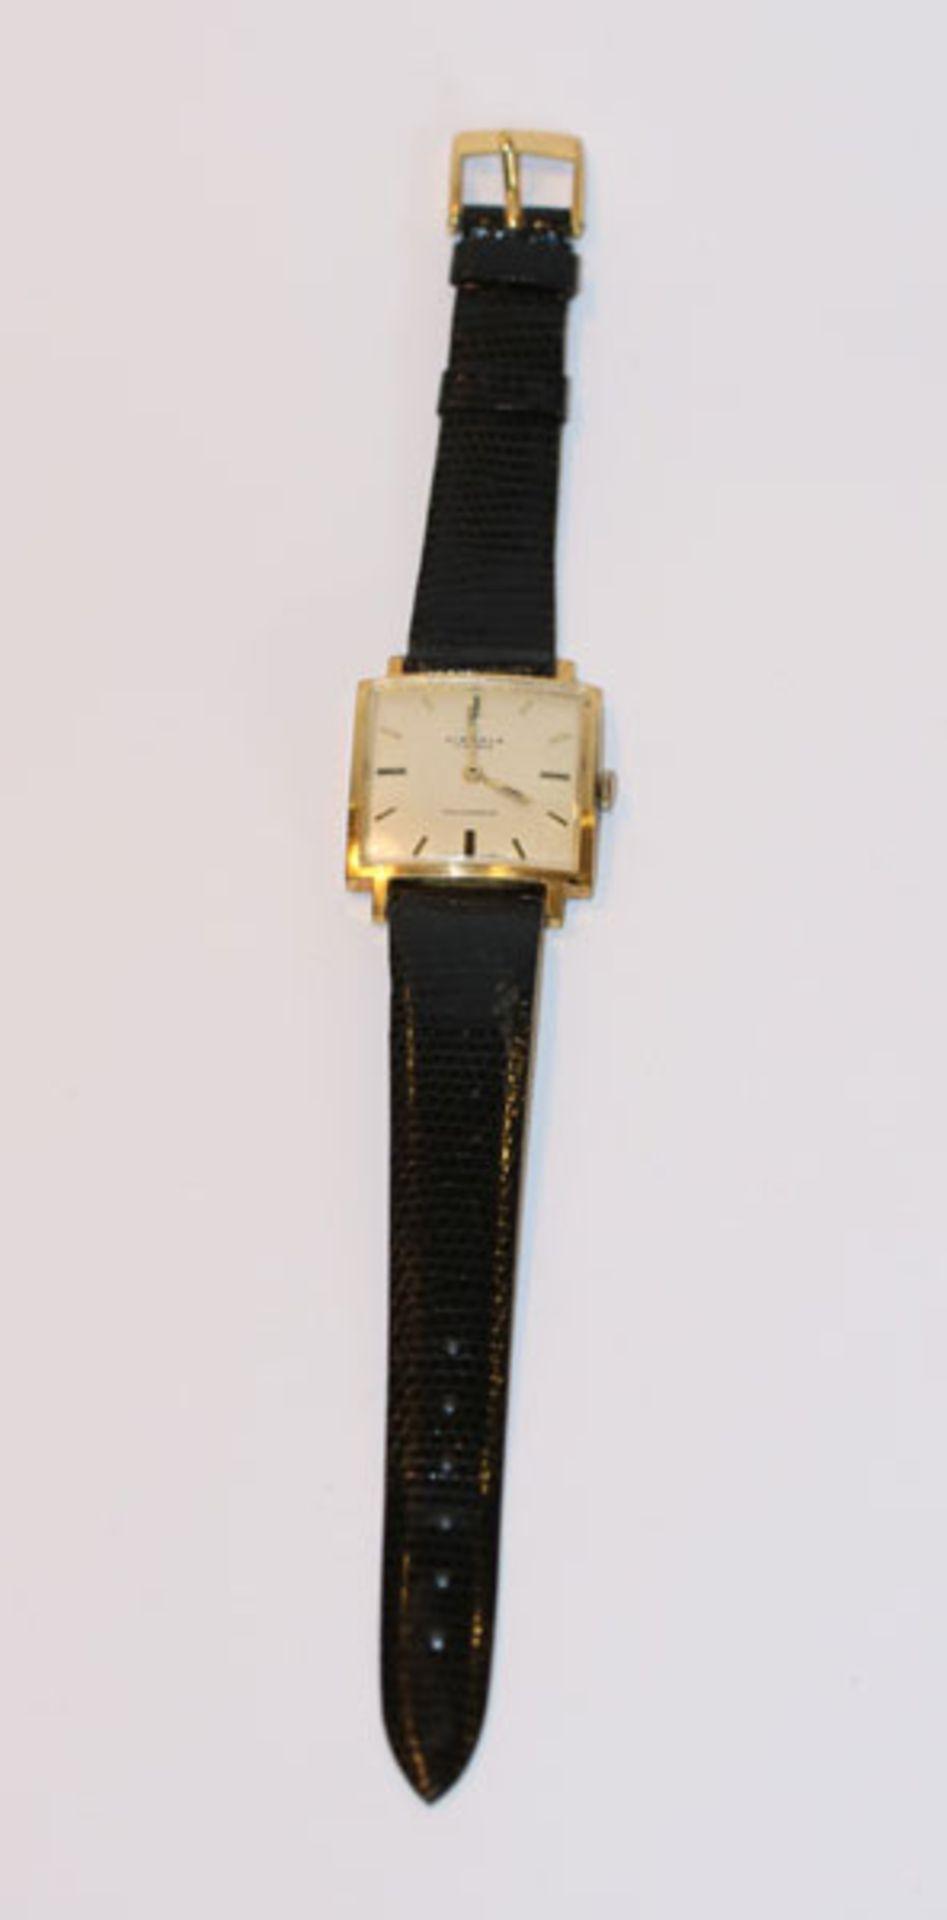 Kienzle Armbanduhr in eckiger Form, um 1970, mechanisches Werk, intakt, an schwarzem Armband,